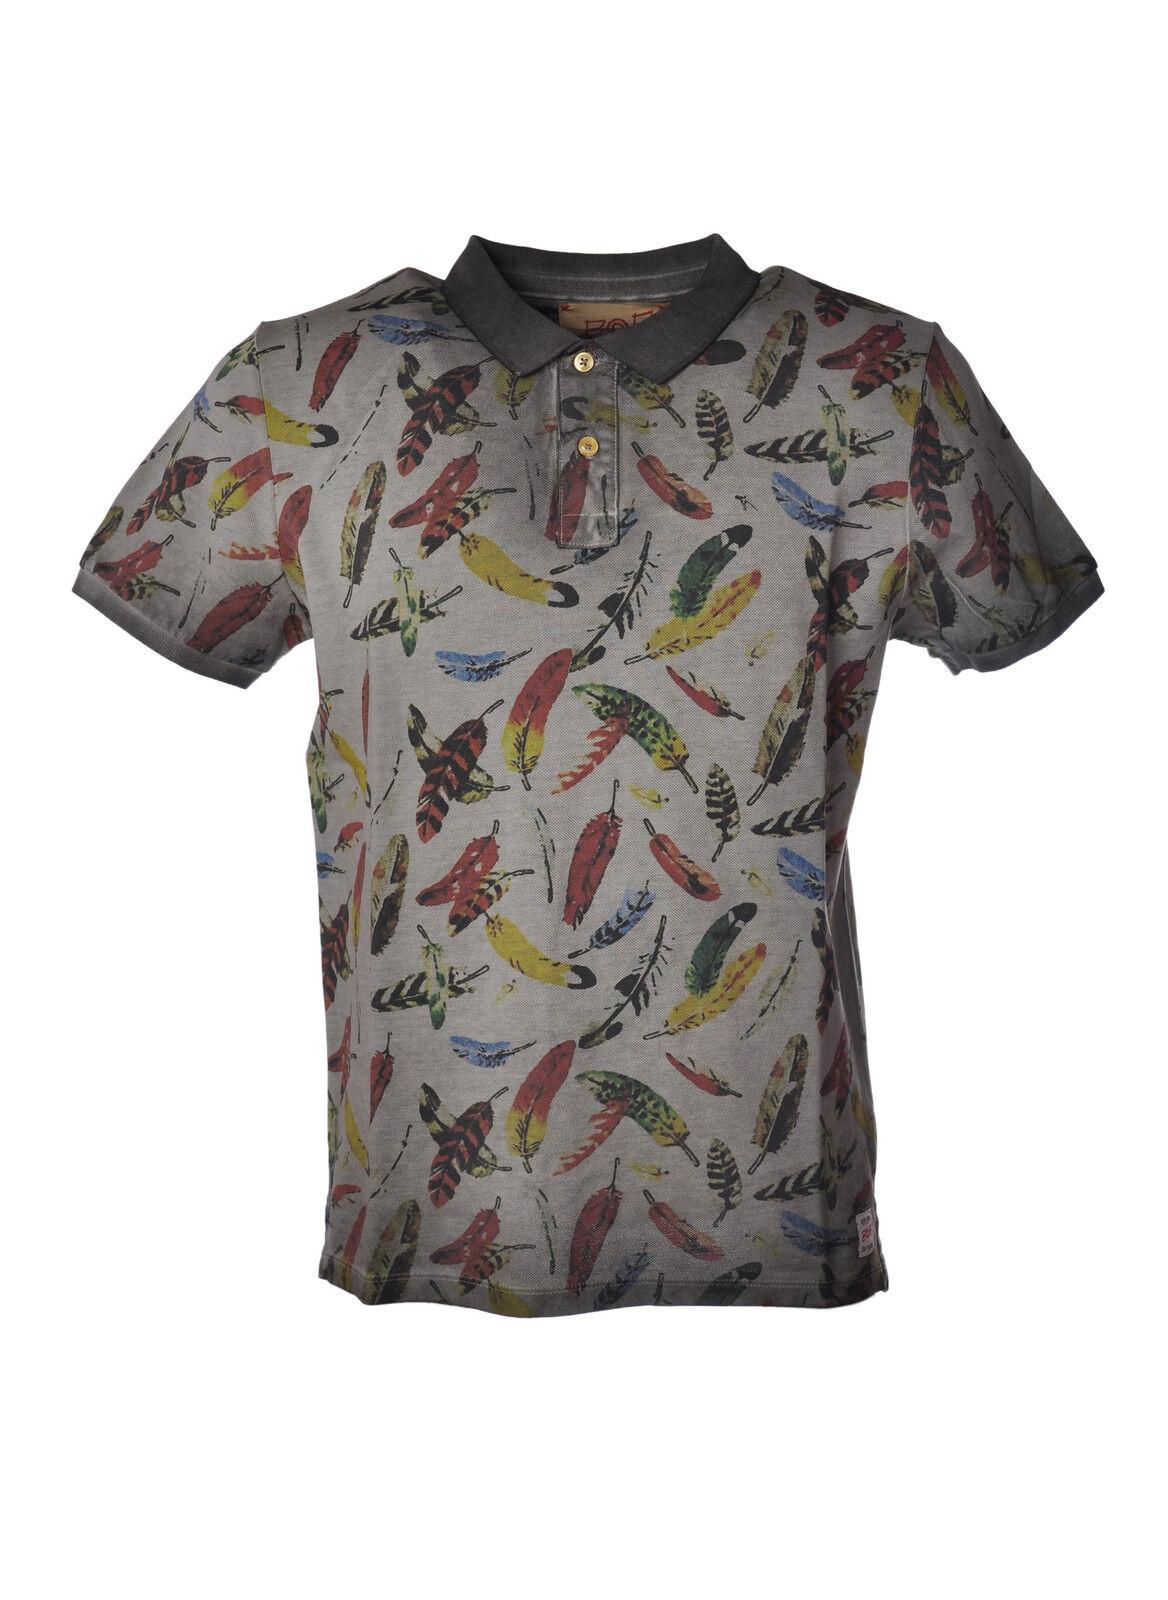 a088fe37 Bob - Topwear-Polo - Man - Fantasy - 3368720F184340 olnlzl13265-T-Shirts